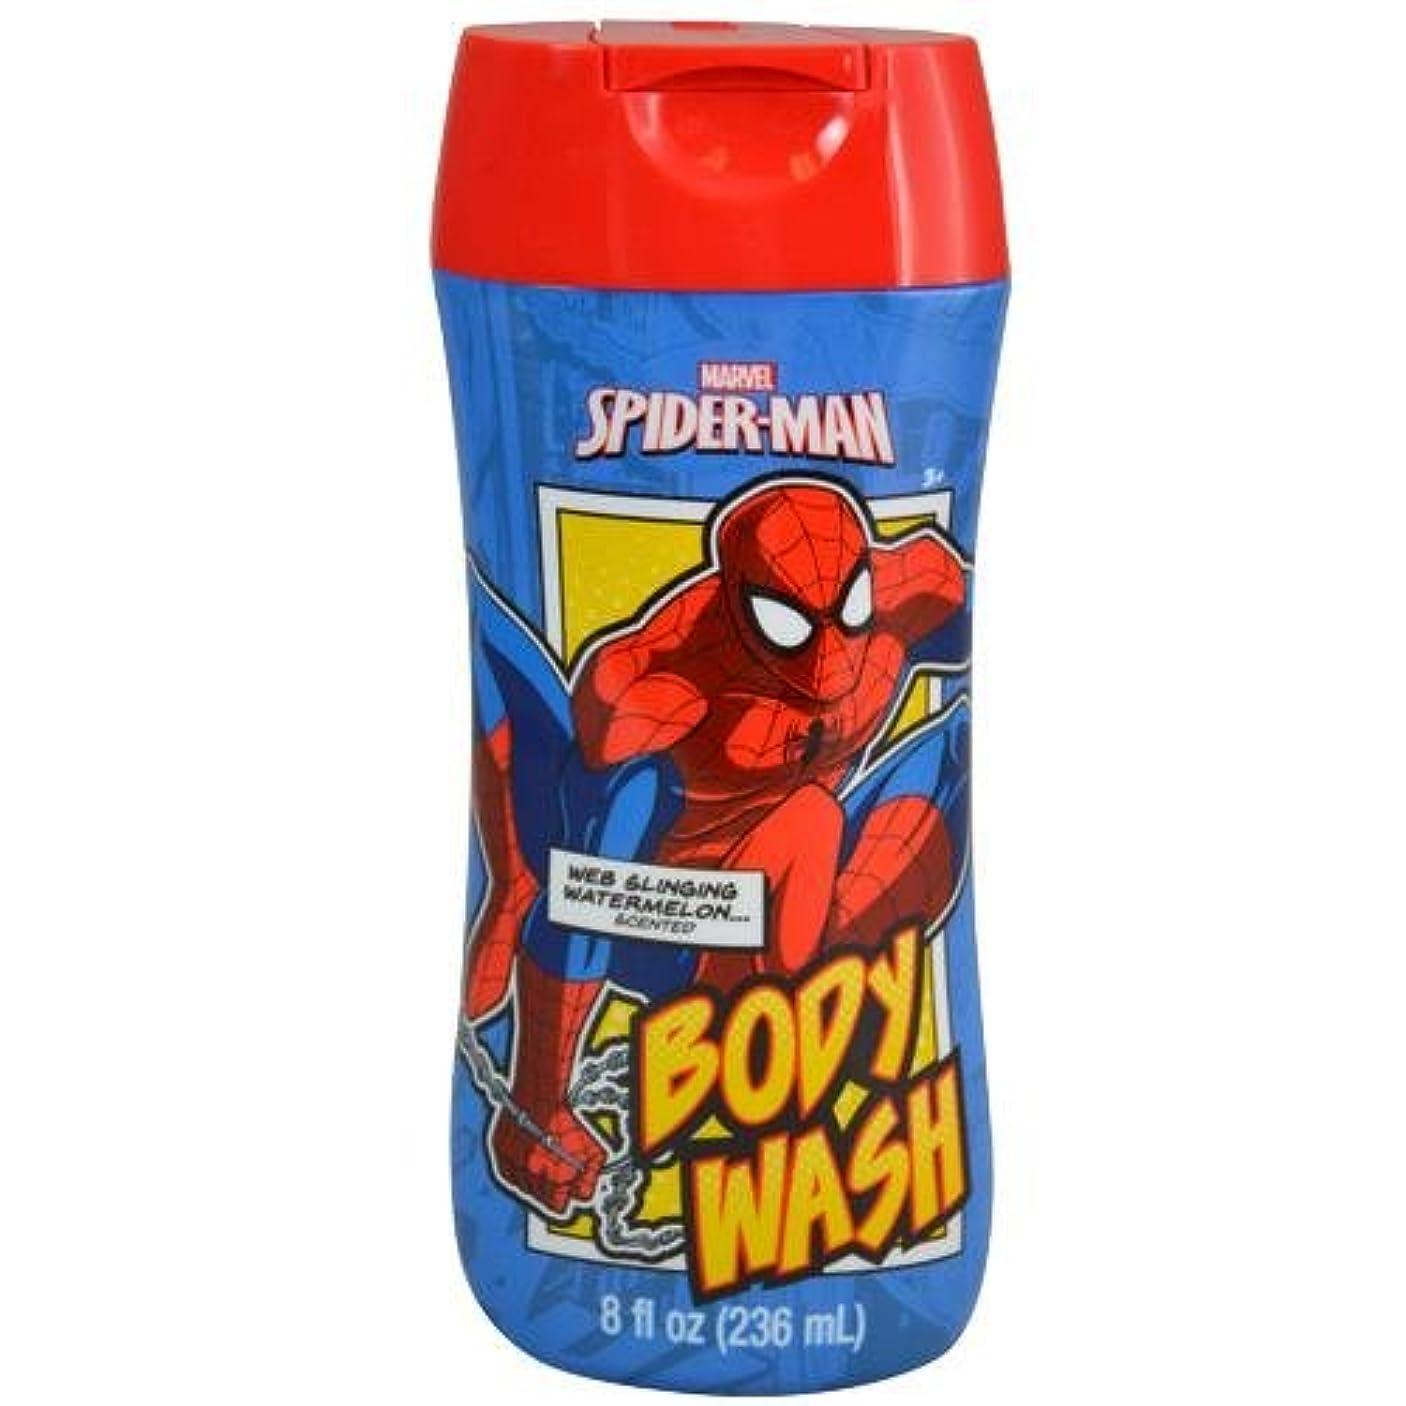 一過性延期するリベラルスパイダーマン SPIDER-MAN ボディーソープ 12185 MARVEL お風呂 ボディ ソープ 子供用 キッズ ボディソープ MARVEL ボディウォッシュ マーベル ボディーウォッシュ【即日?翌日発送】